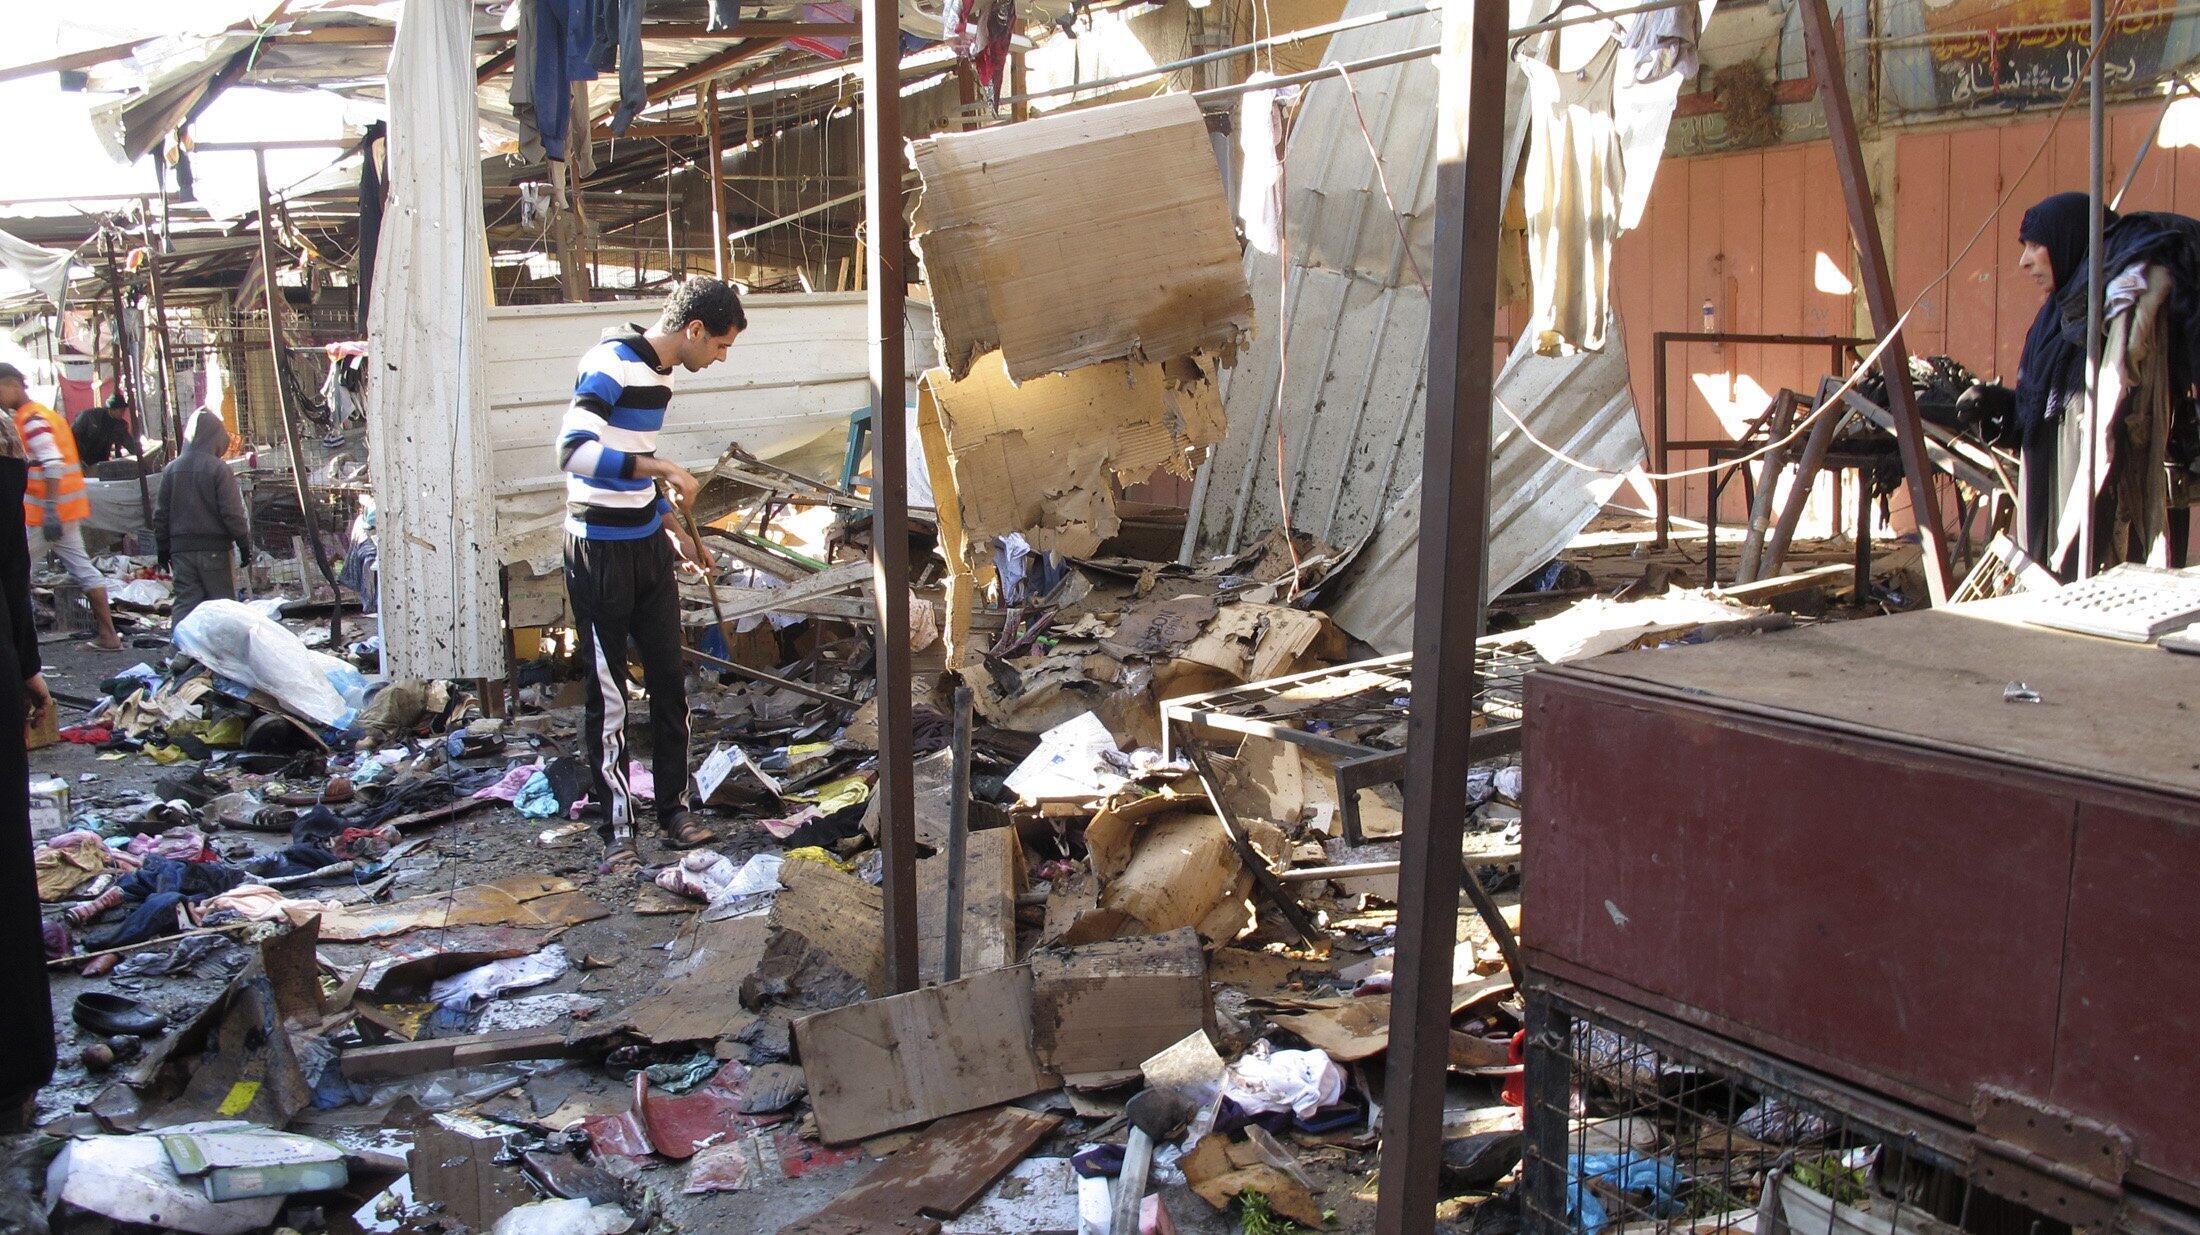 """یکی از انفجارهای امروز که در  بازاری در ناحیه """"دورا"""" رخ داد، ٥٢ زخمی و ١٠ کشته برجای گذاشت."""